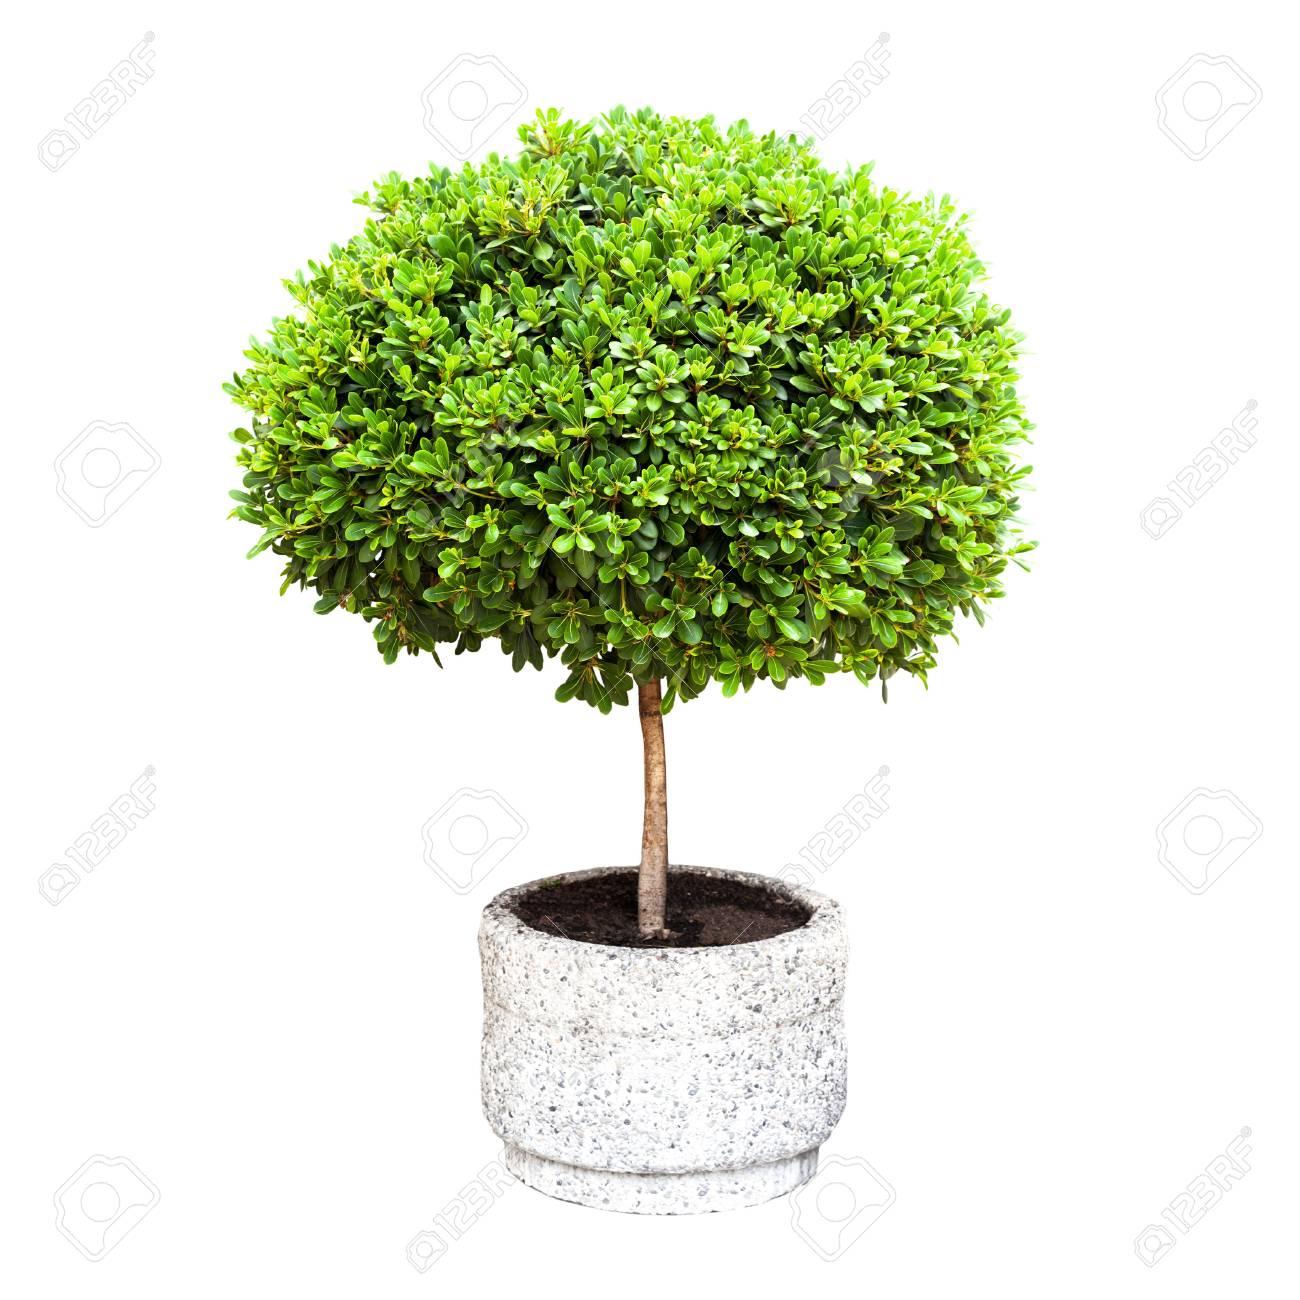 Pe Arbre Décoratif Vert Dans Un Pod Isolé Sur Blanc Banque D ... on